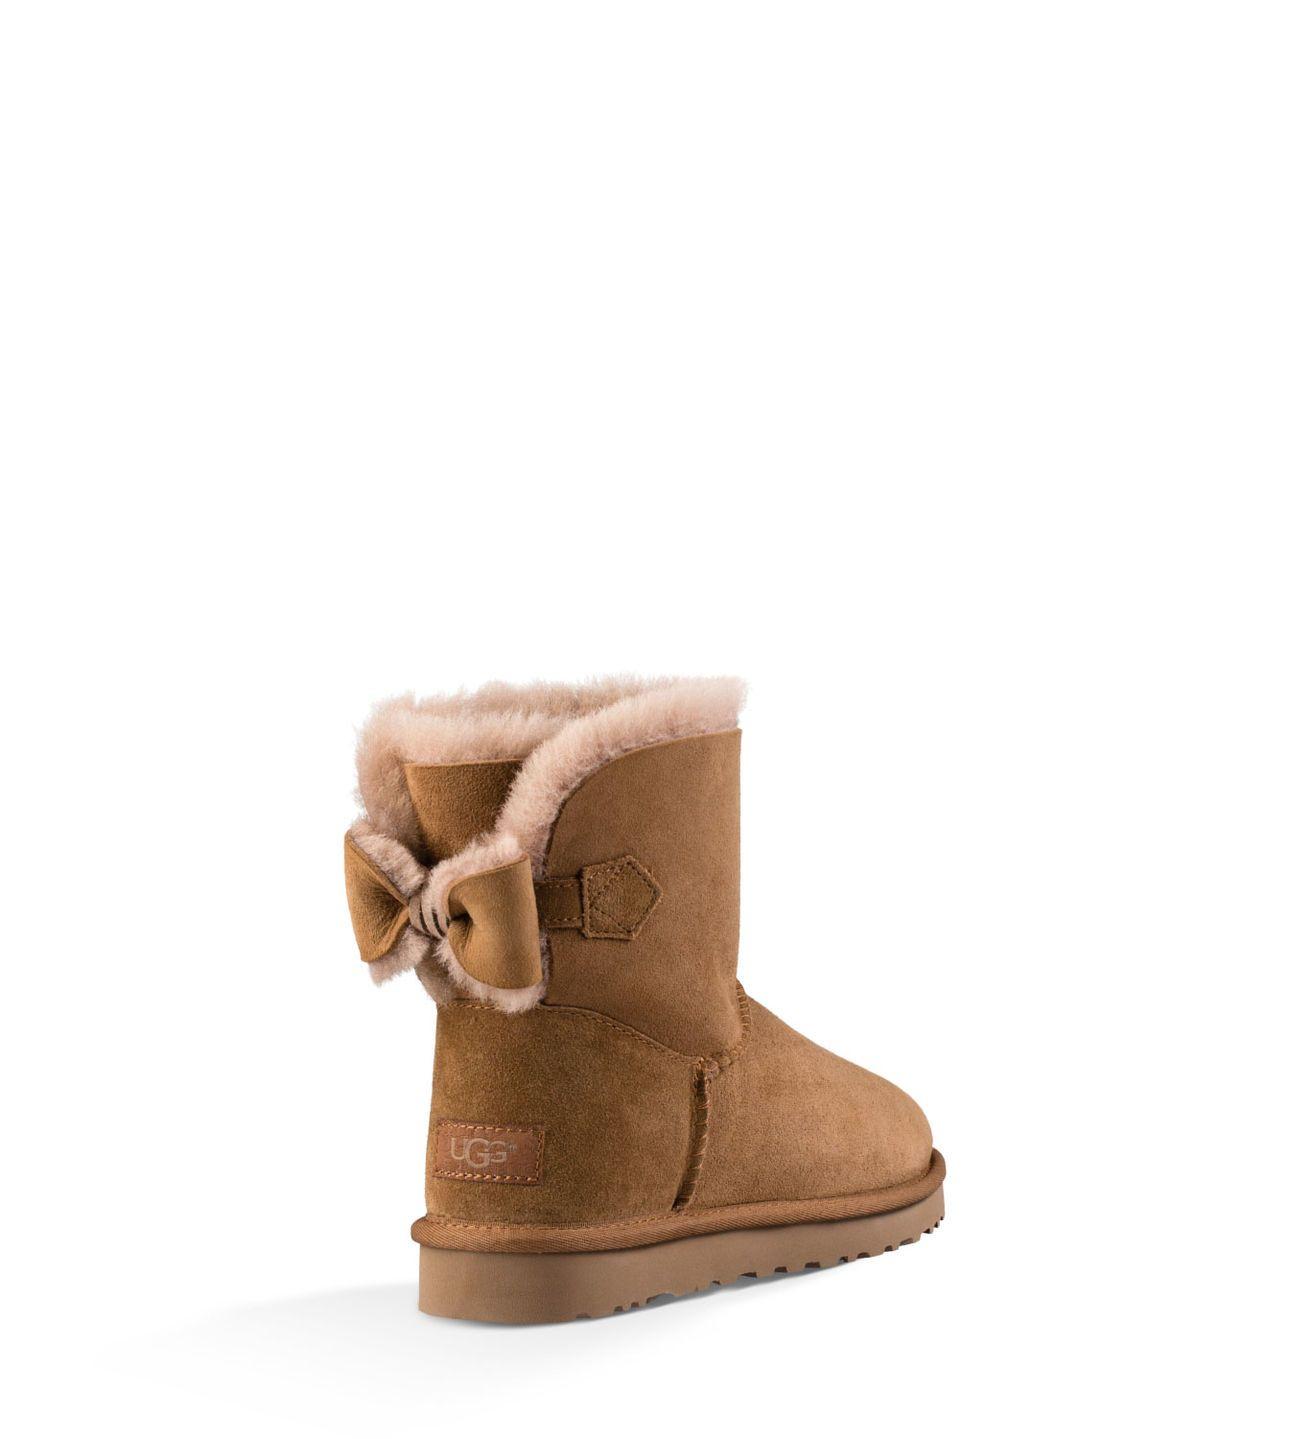 UGG® Official | Women's Naveah Sheepskin Boots | UGG.com